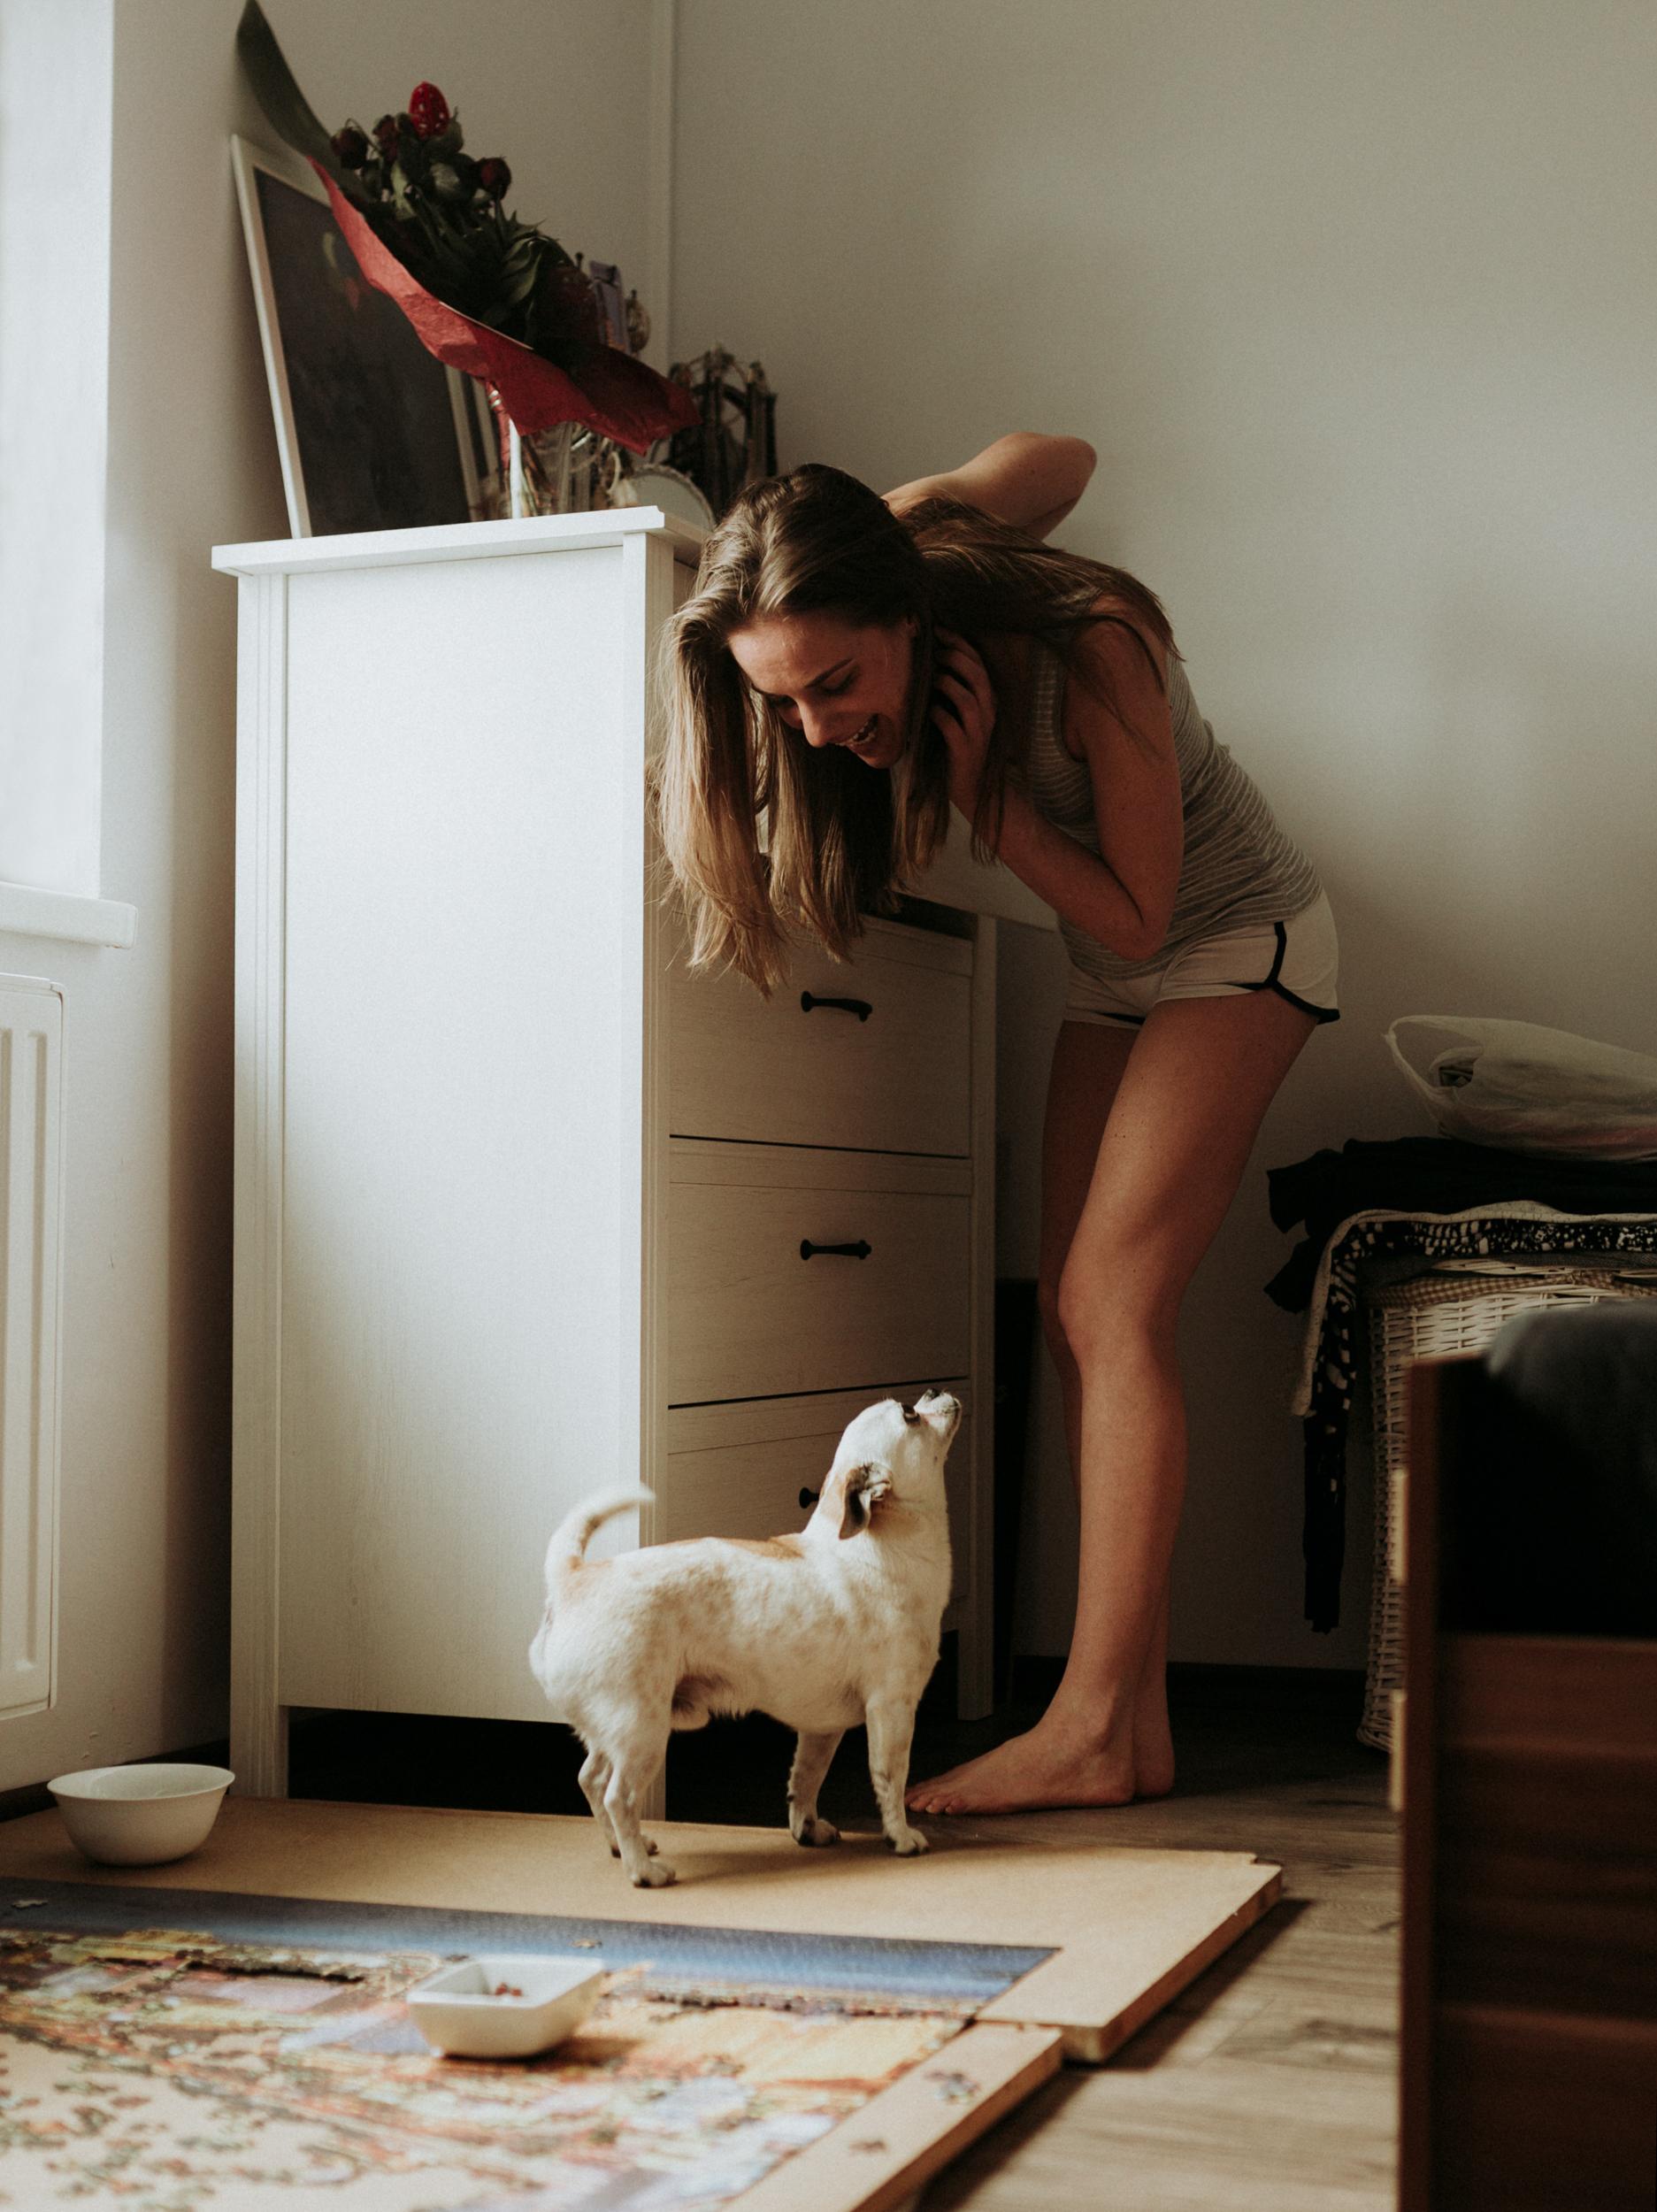 Molly otthoni lifestyle portré fotó. Társas reggel.